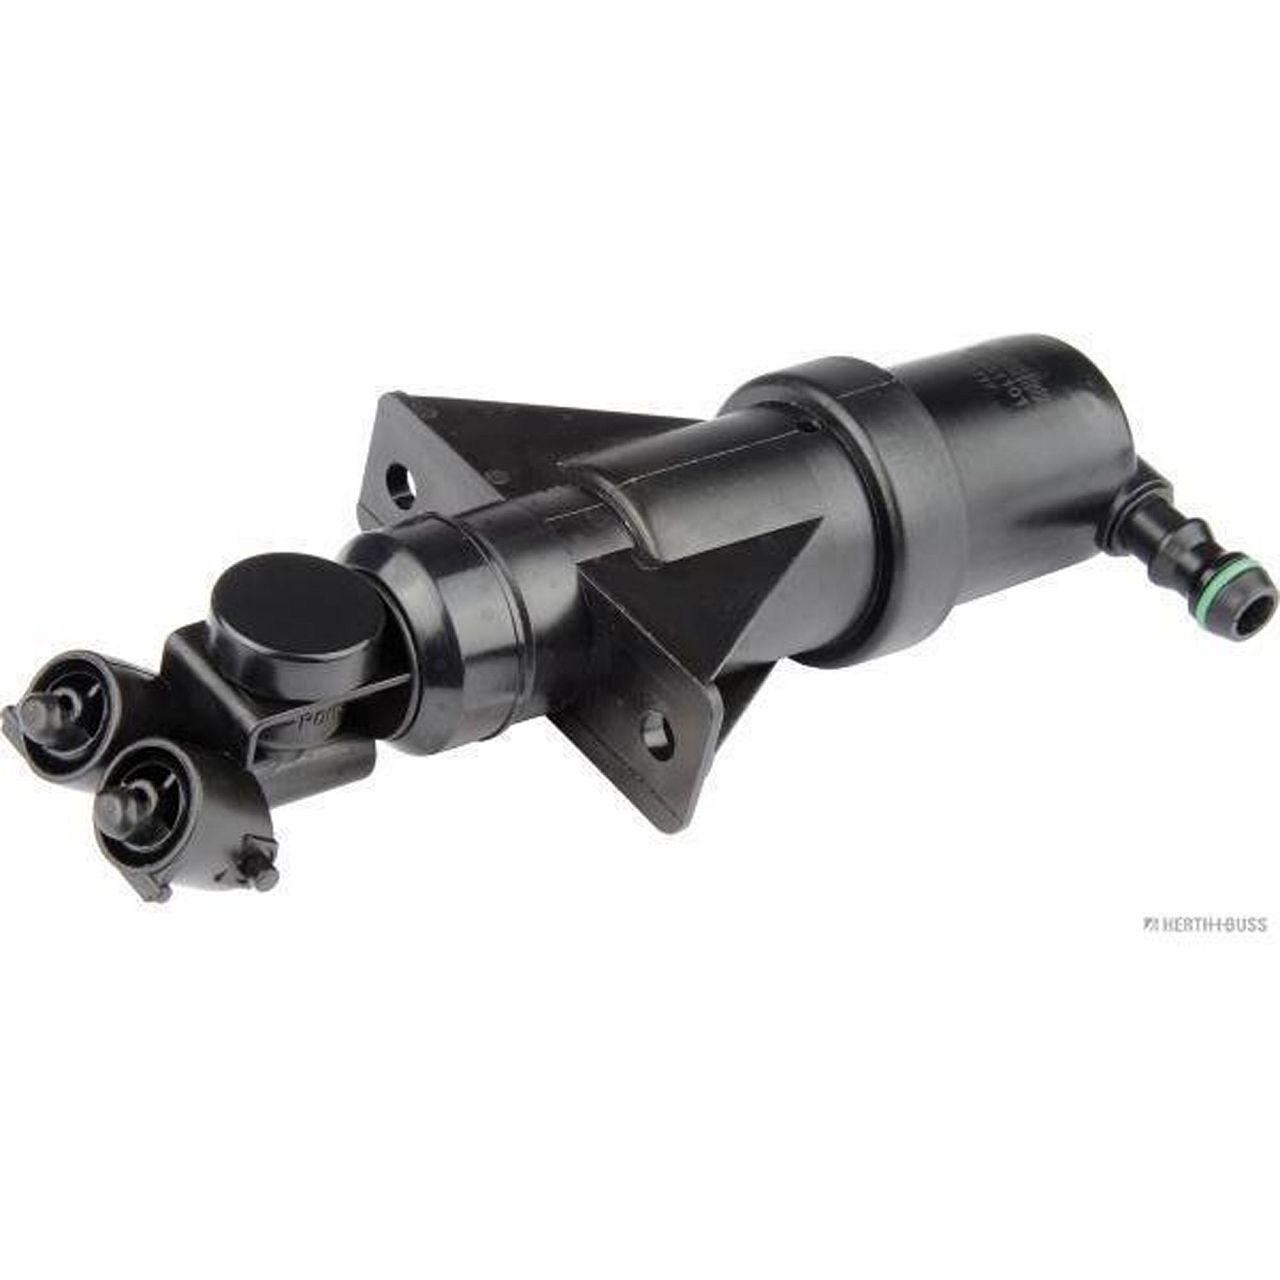 HERTH+BUSS ELPARTS Front- Waschwasserdüse Scheinwerfer AUDI A4 B5 B6 A6 C5 vorne